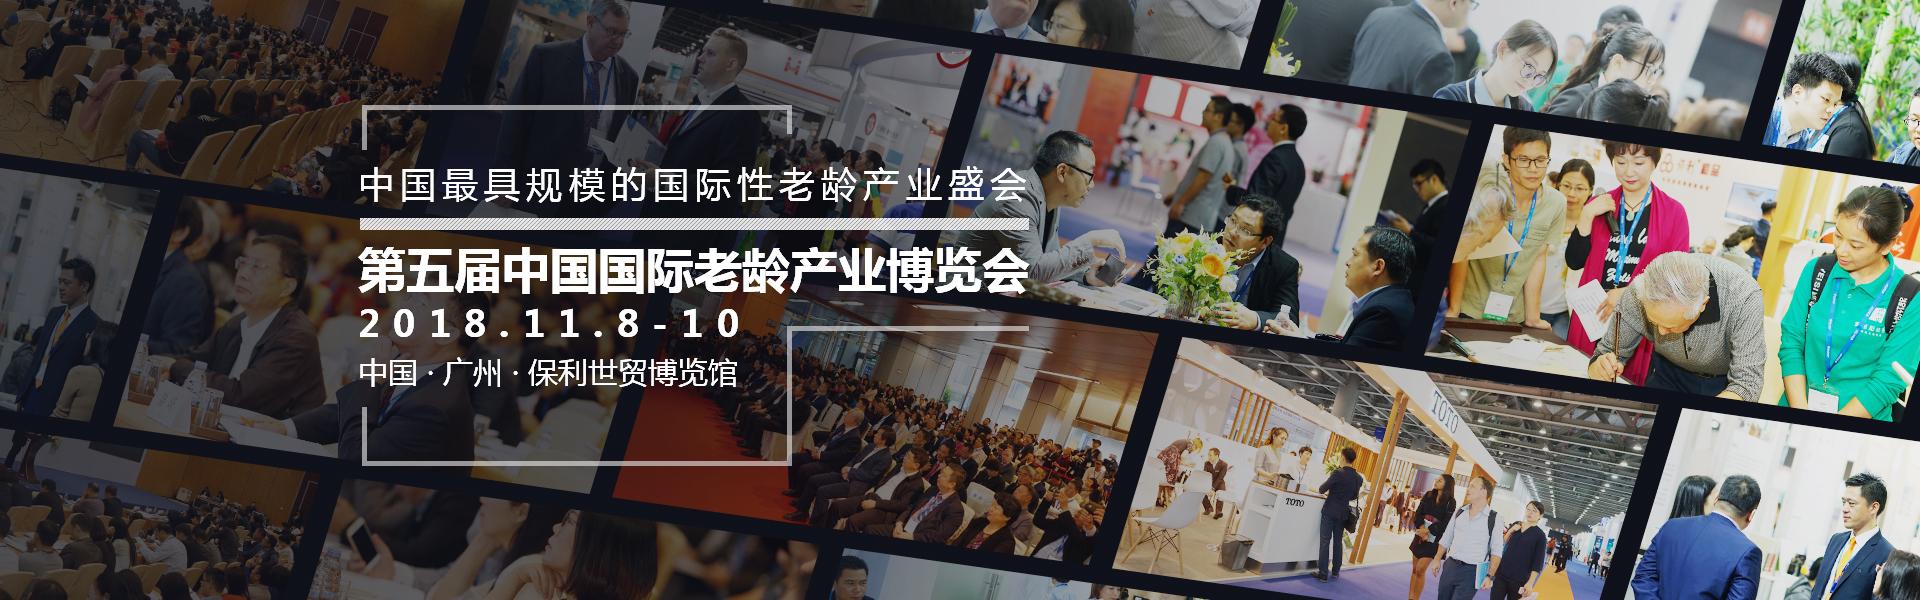 中国最具规模的国际老龄产业盛会